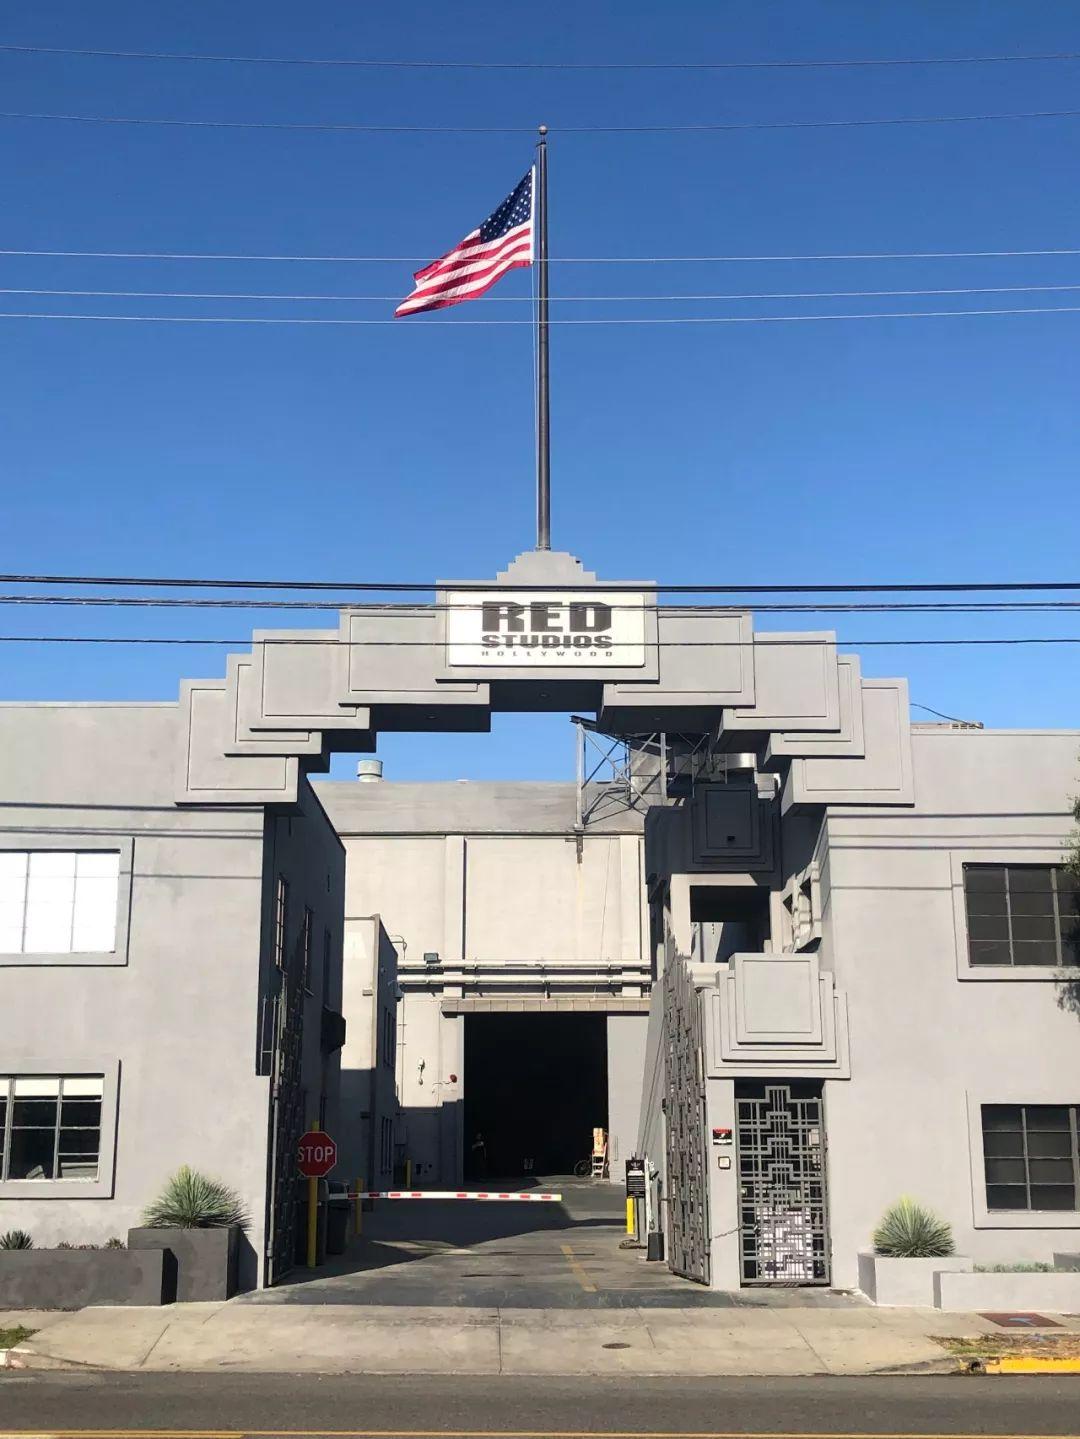 面向未来:RED Studio 开放日及Cine Gear研讨会回顾